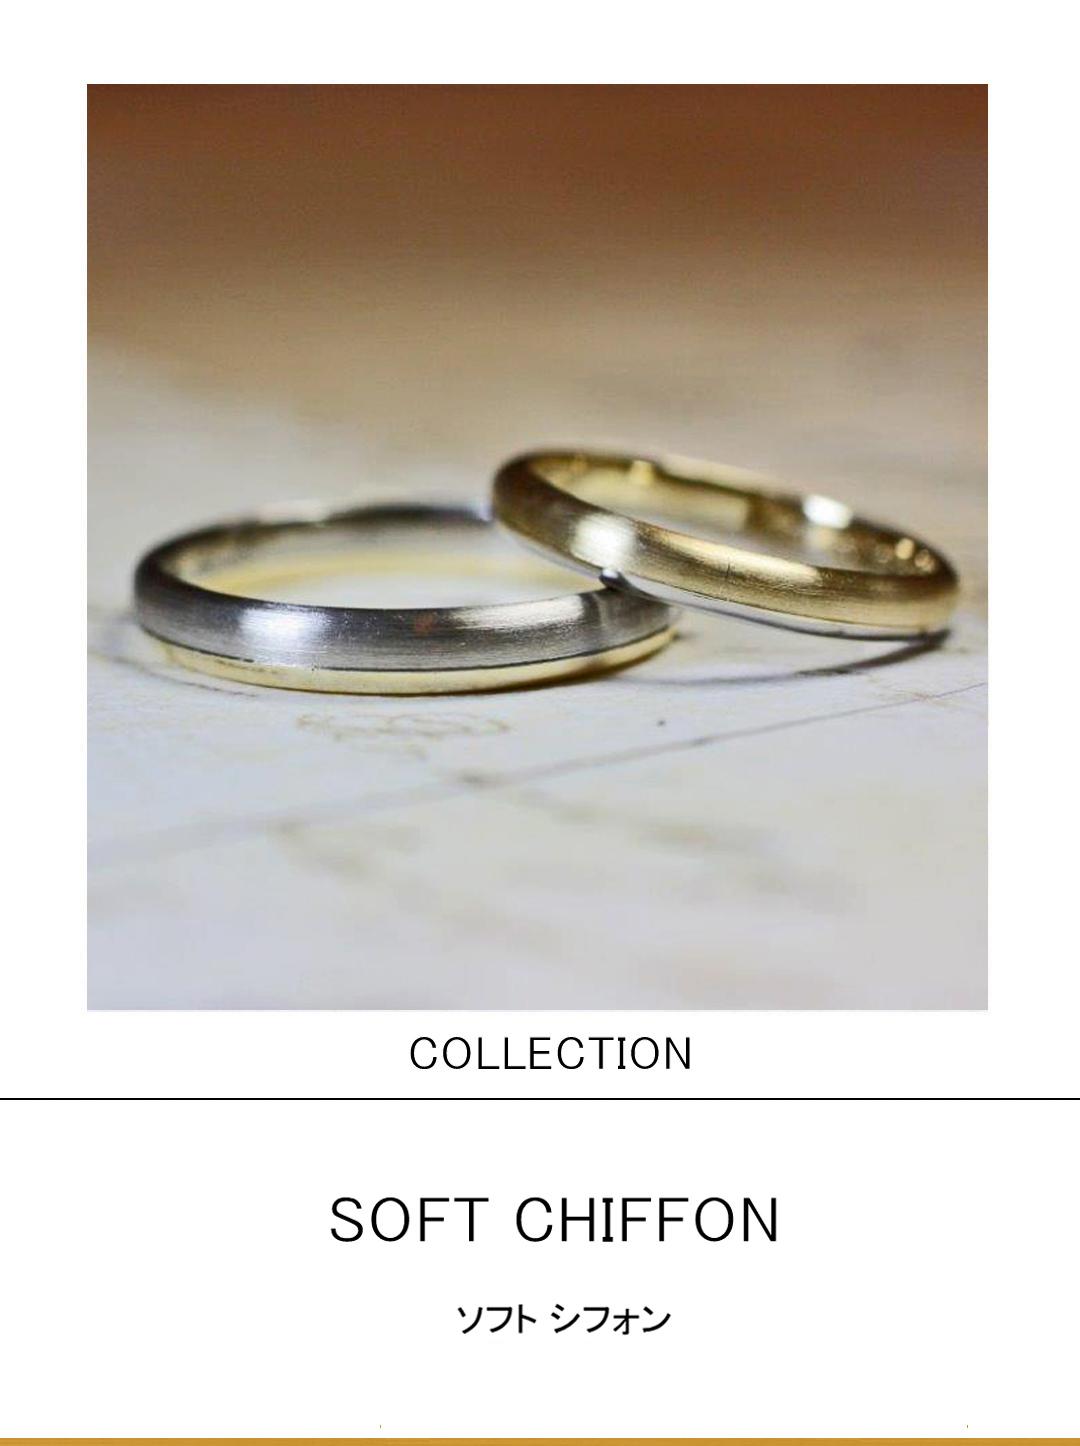 ゴールド&グレーを2:1で組み合わせた丸いフォルムの結婚指輪のサムネイル